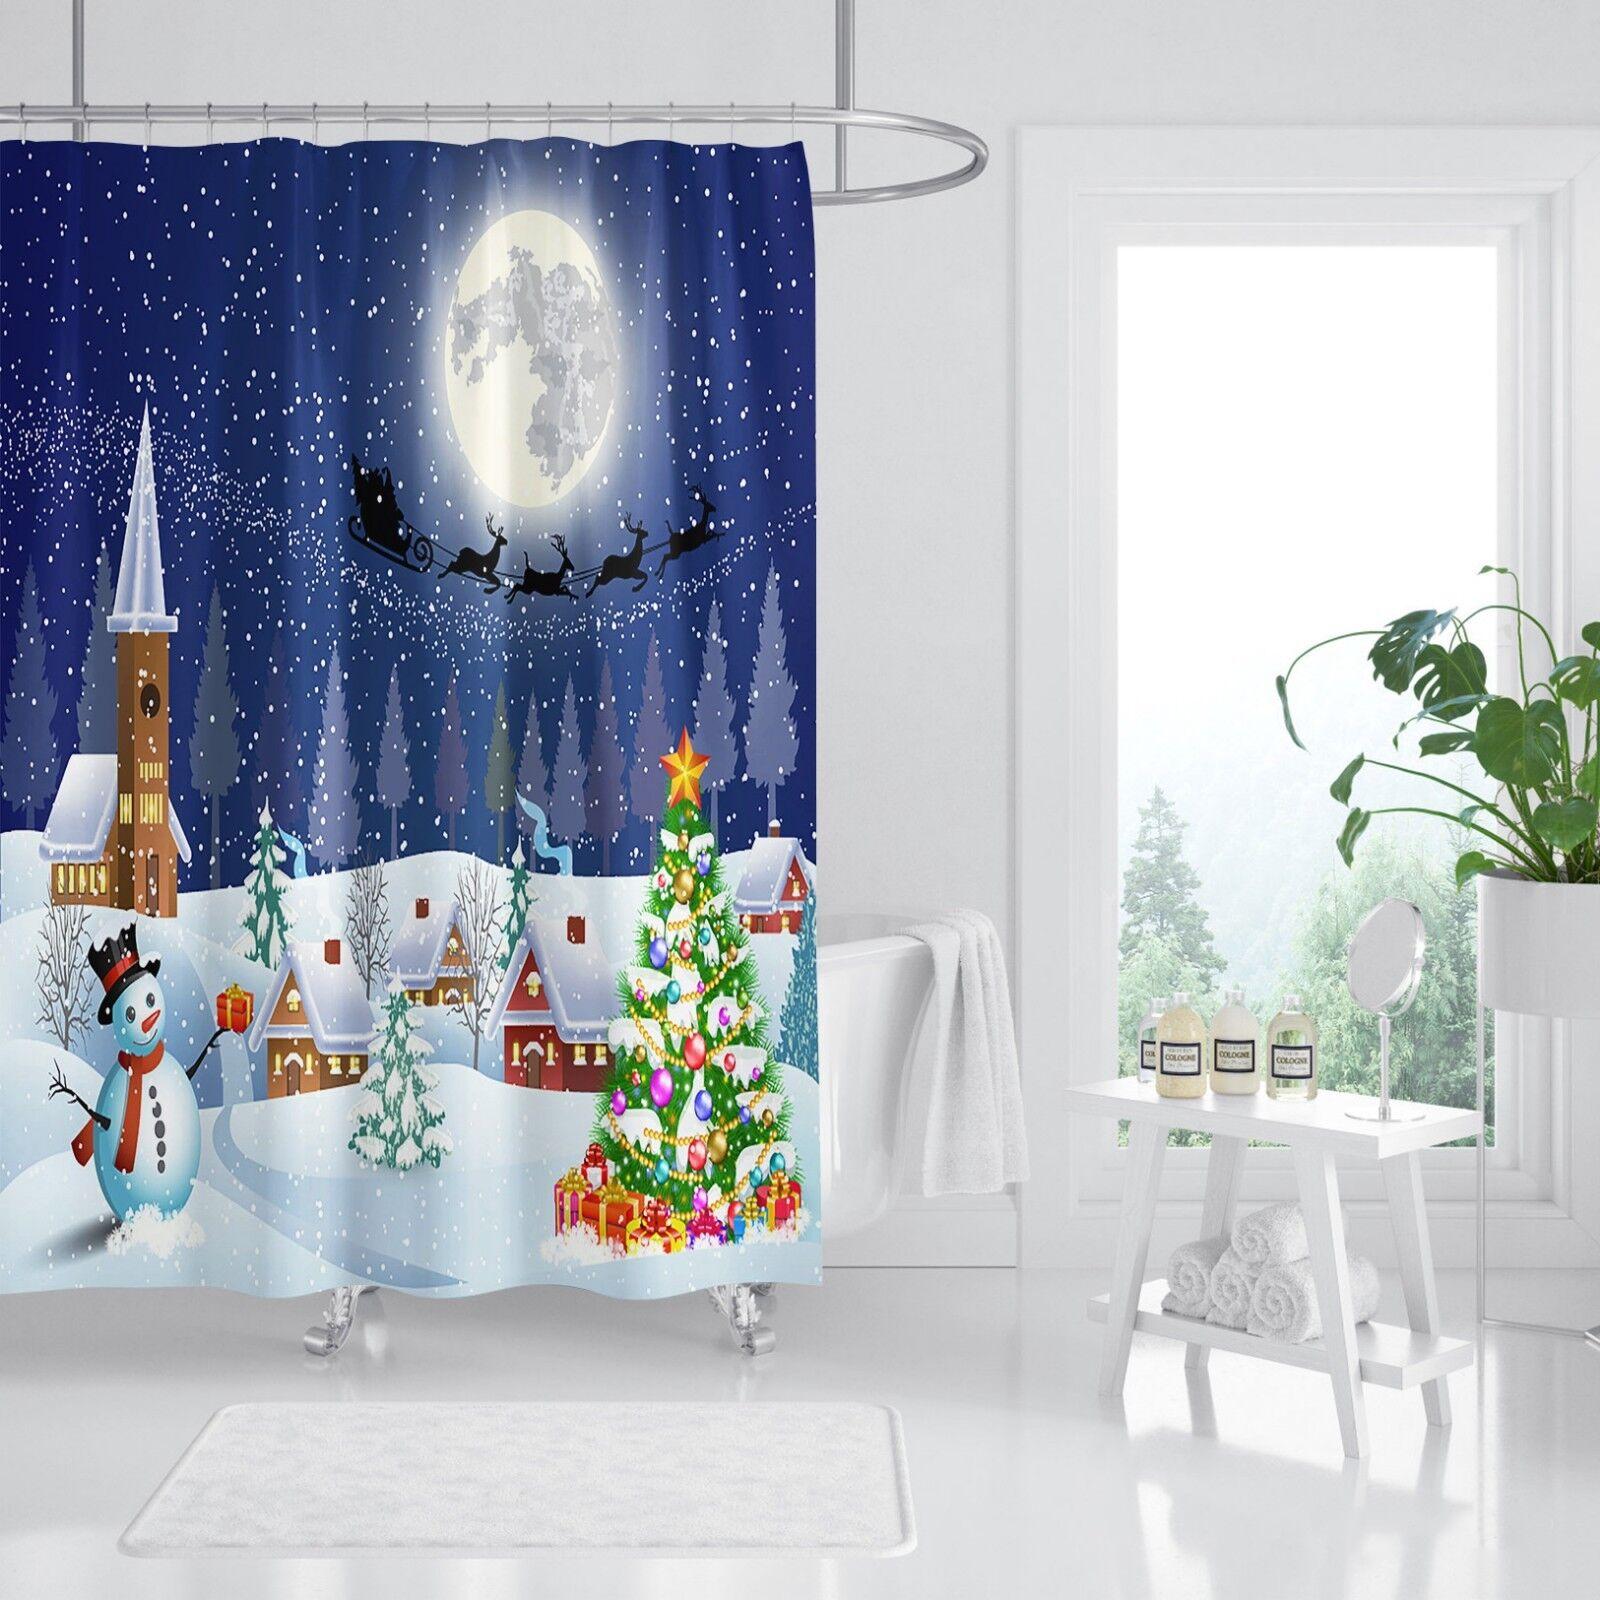 3D Heiligabend Heiligabend Heiligabend 78 Duschvorhang Wasserdicht Faser Bad Daheim Windows Toilette eaac95